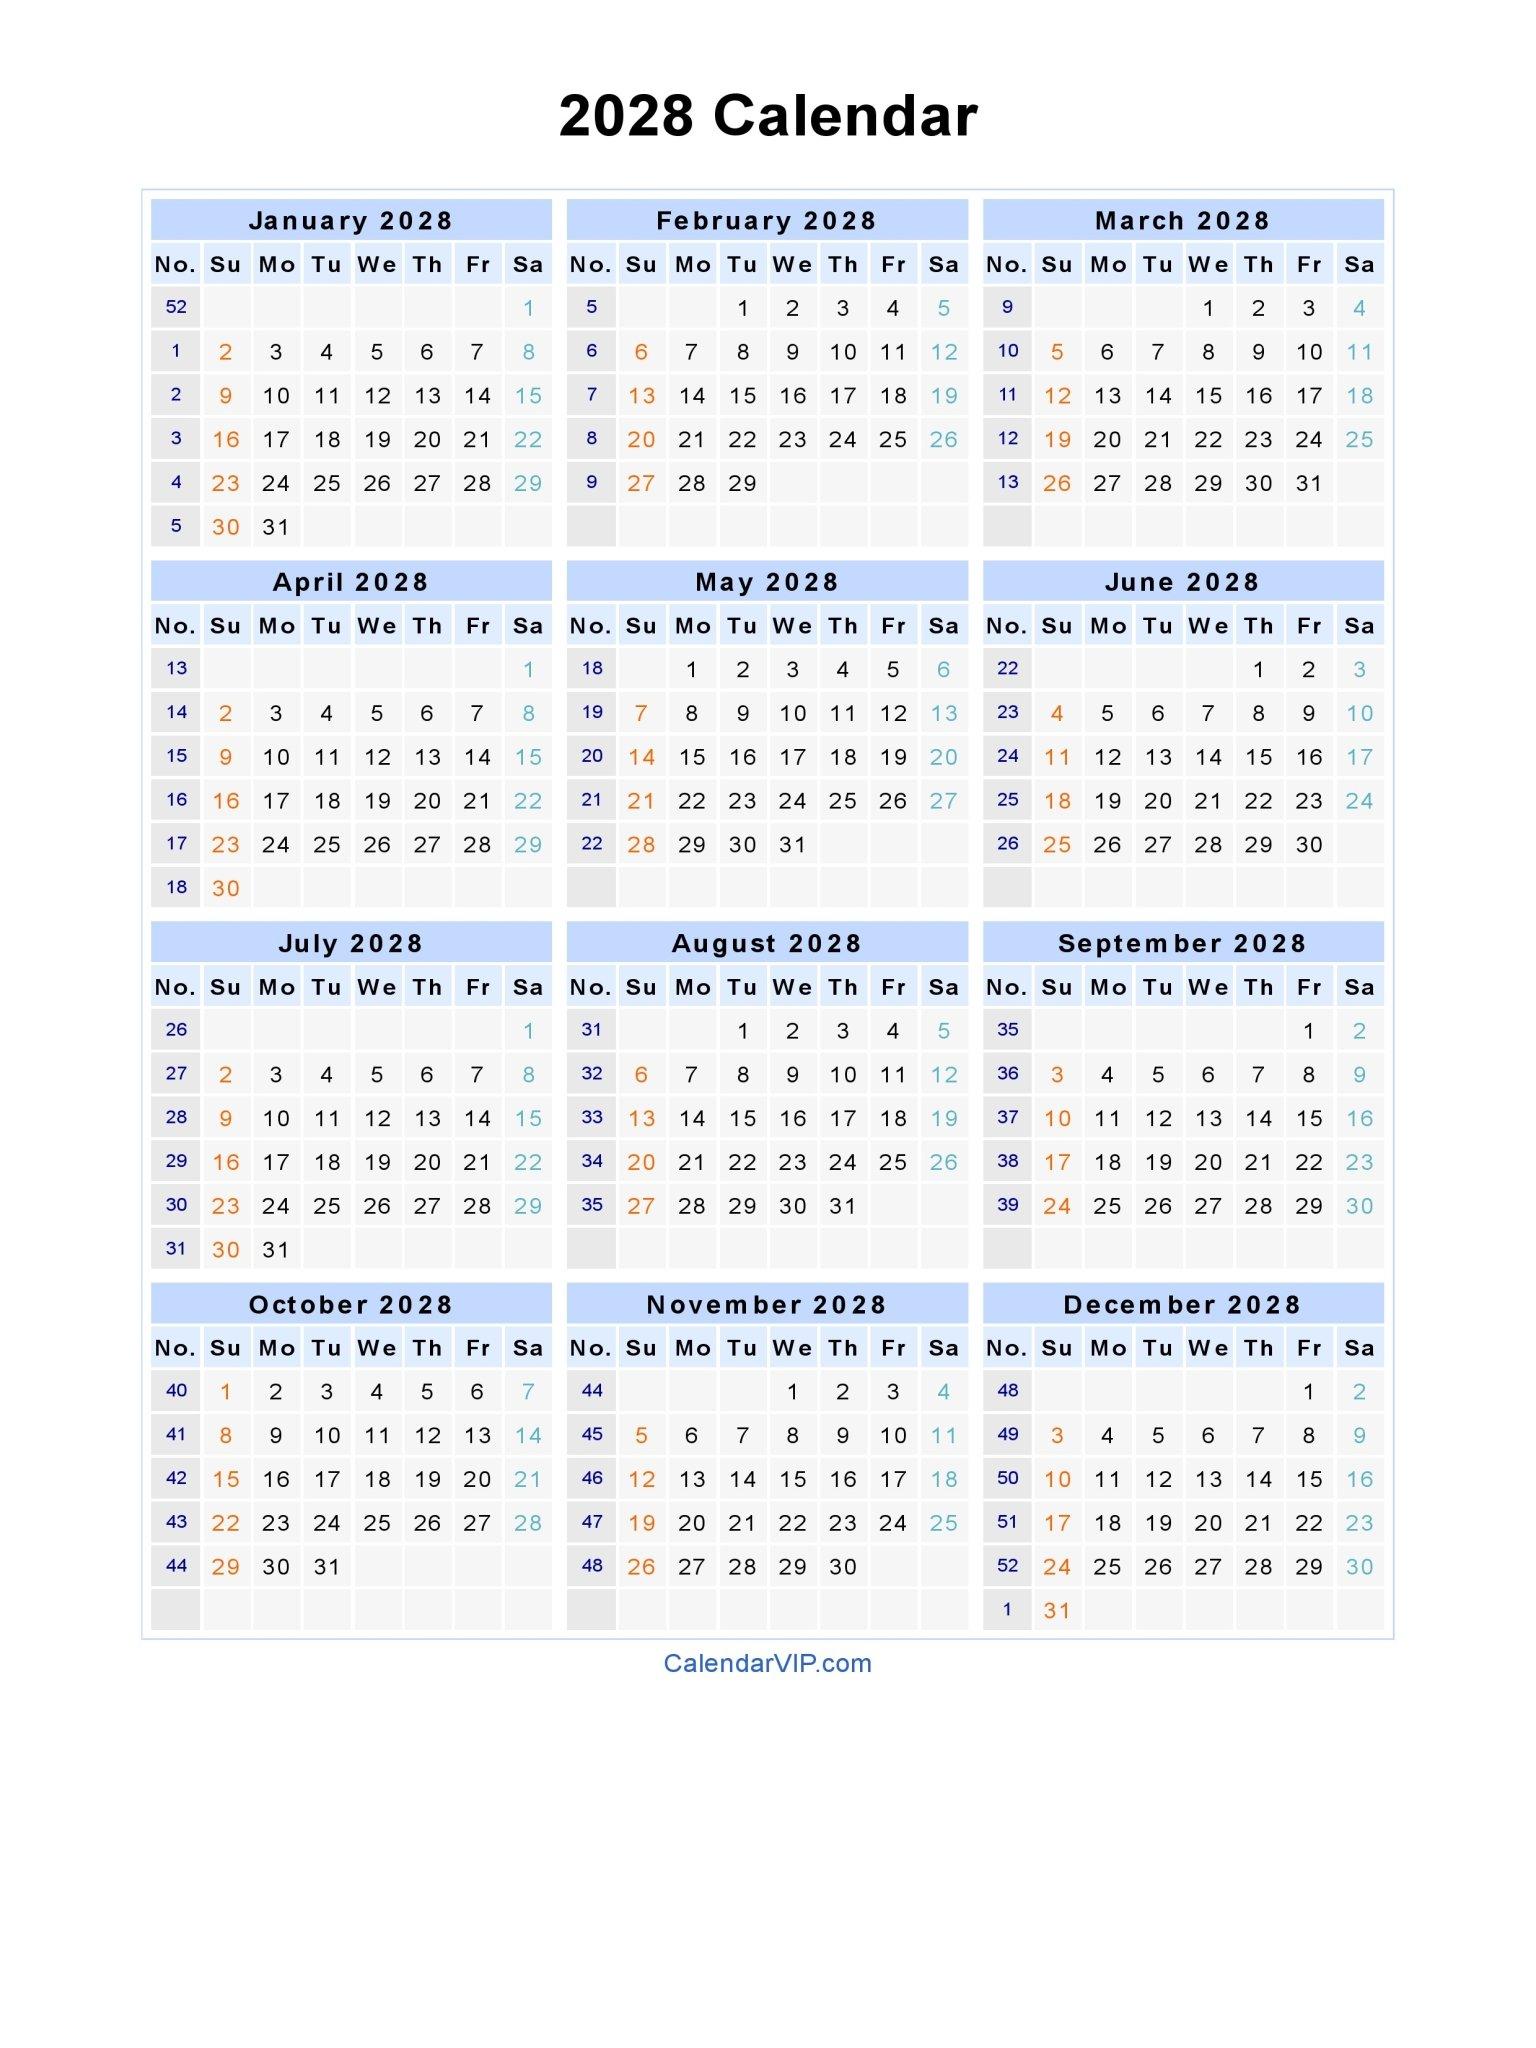 2028 Calendar - Blank Printable Calendar Template In Pdf Free Weekly Numbered 52 Week Calendar Printable